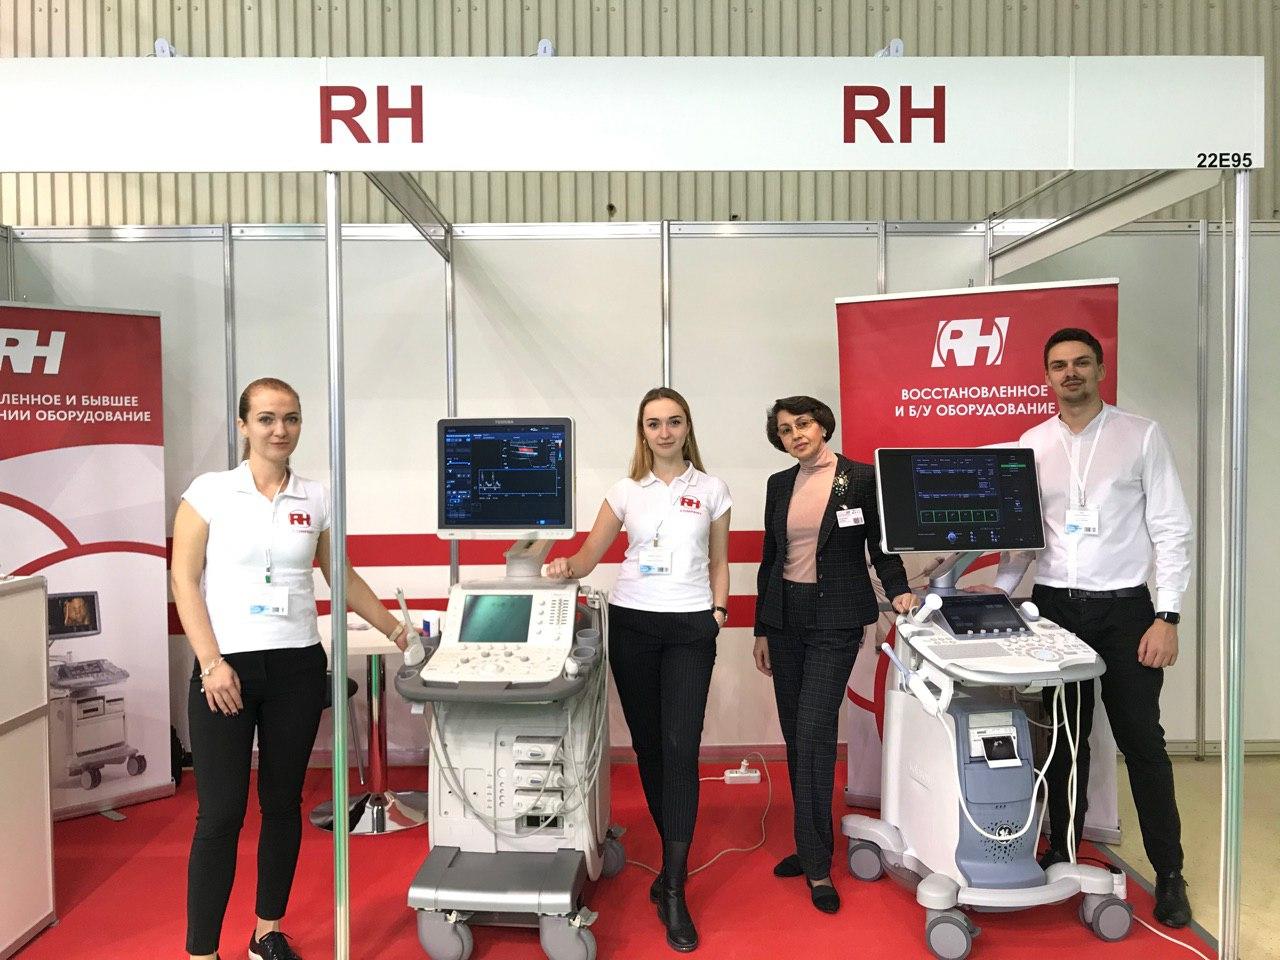 Компания RH на неделе здравоохранения – 2019 в Москве. - Новости RH